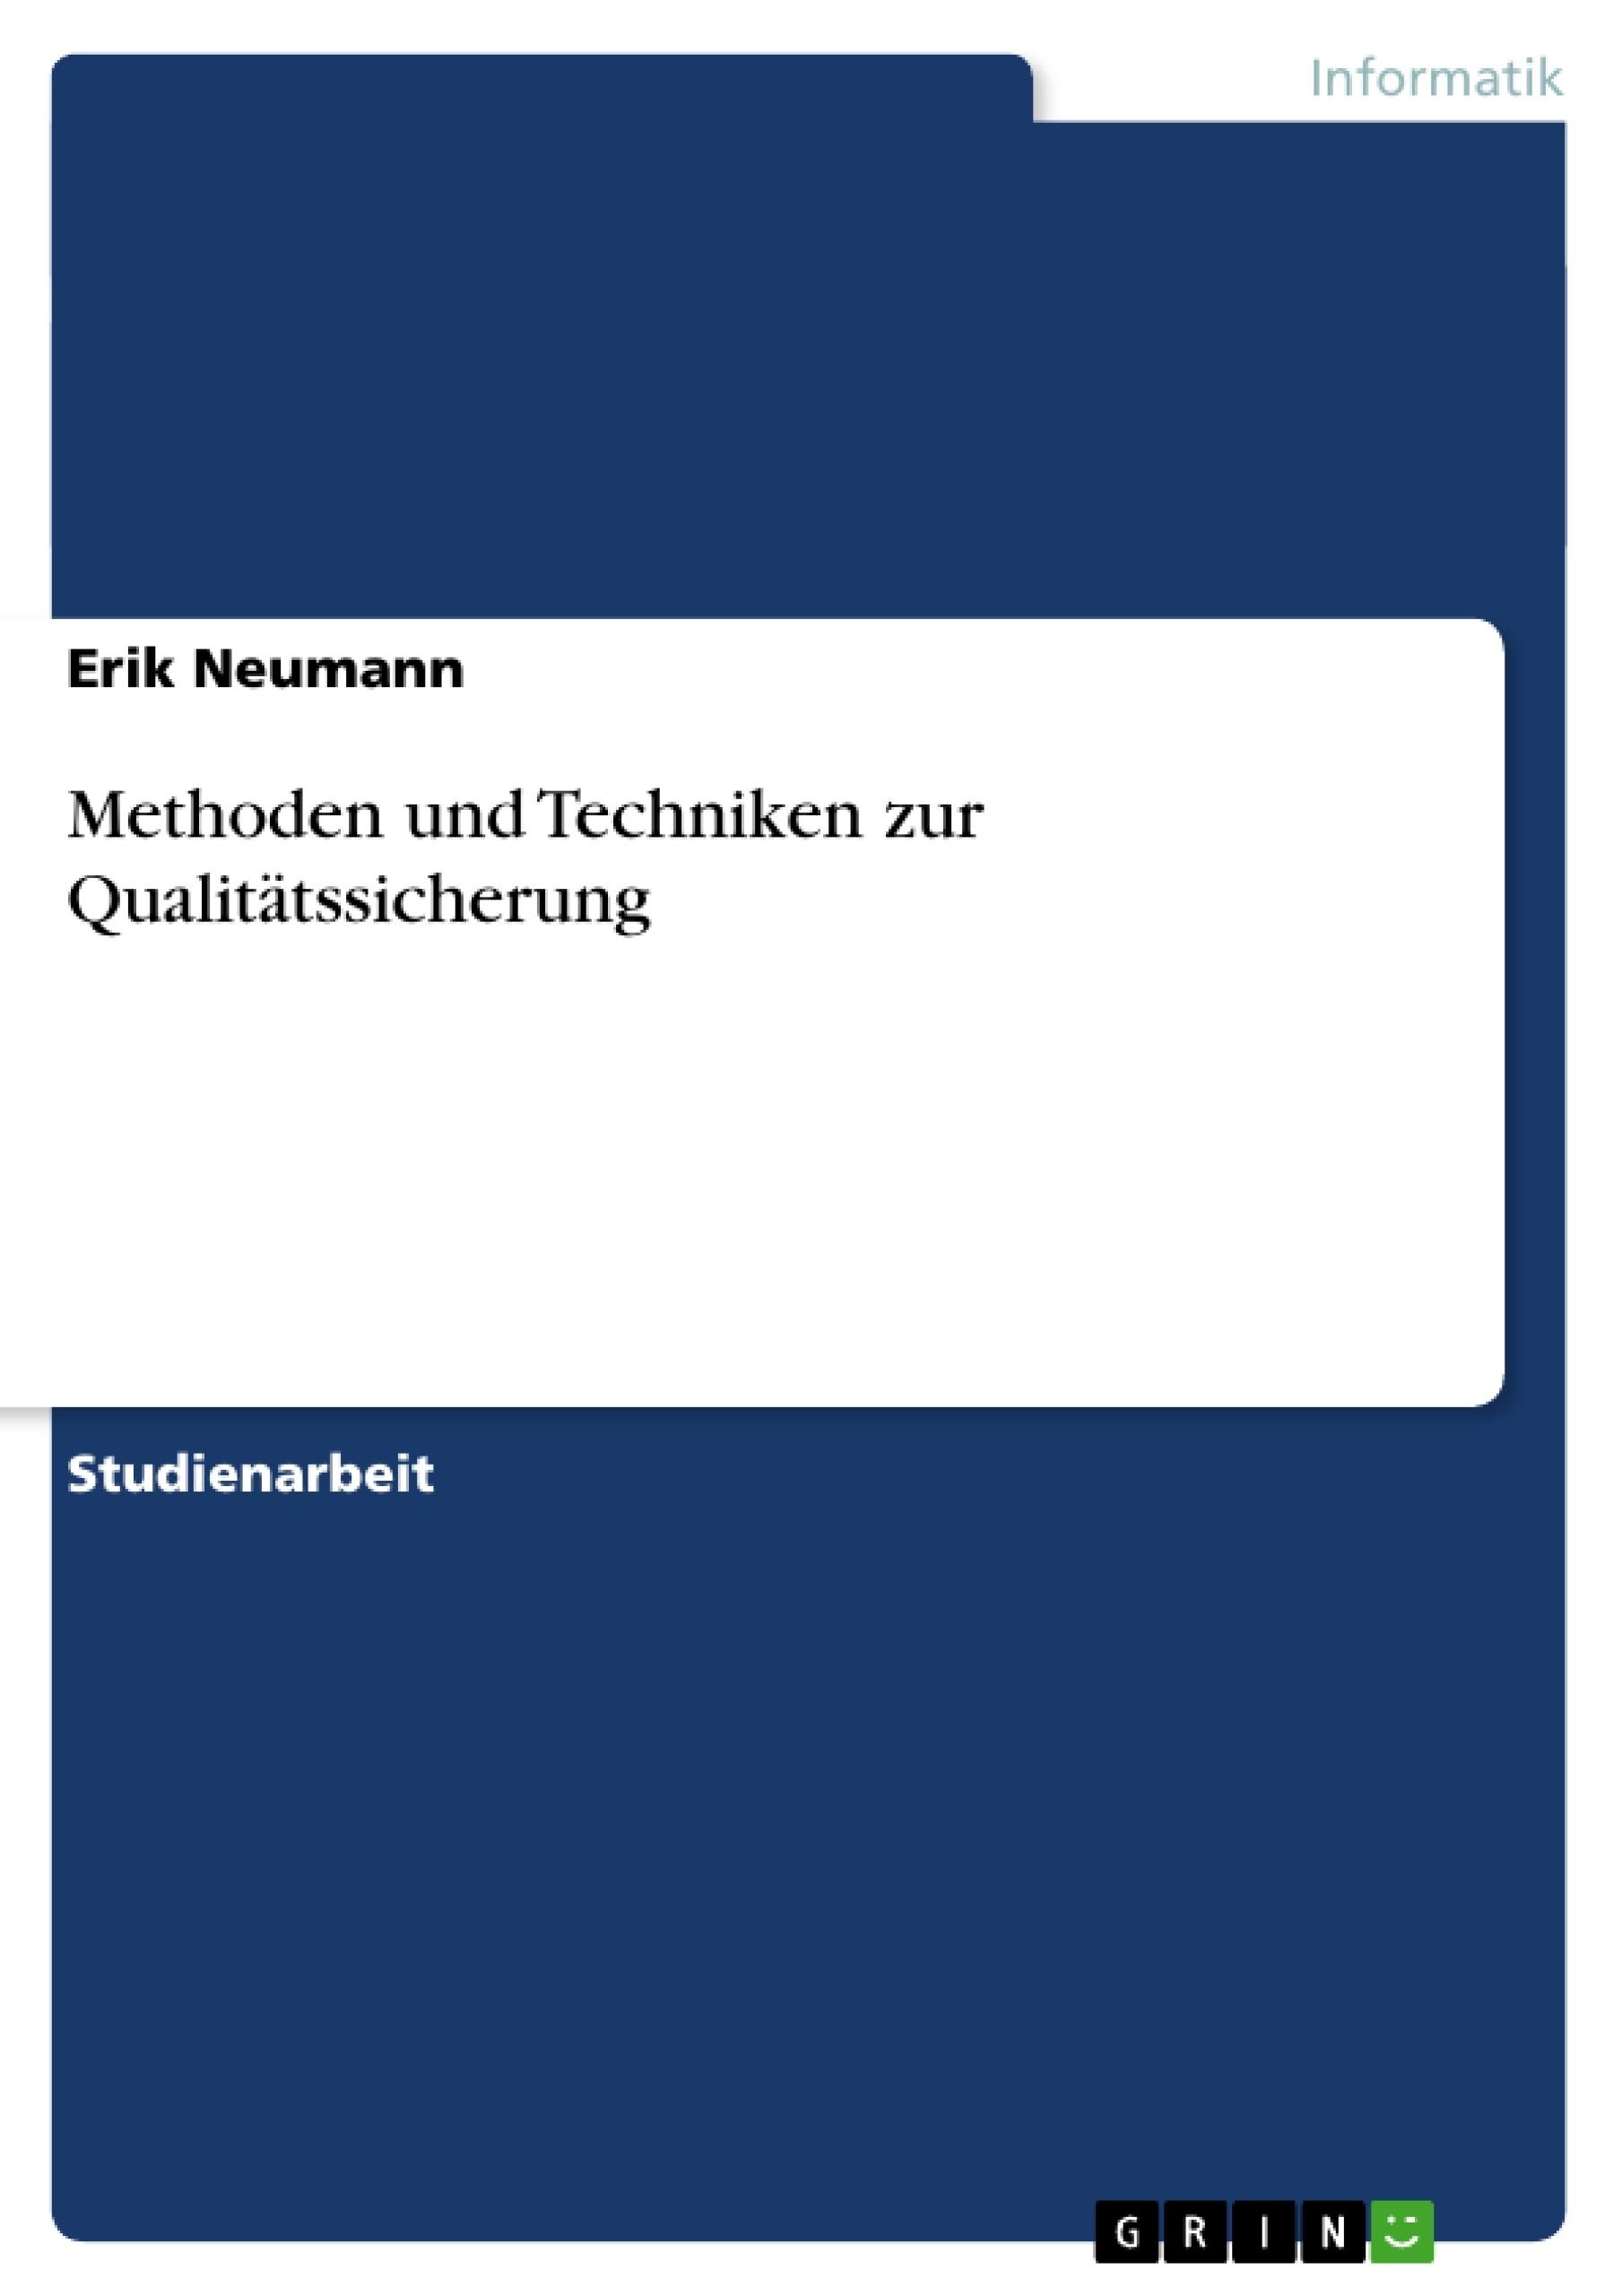 Titel: Methoden und Techniken zur Qualitätssicherung